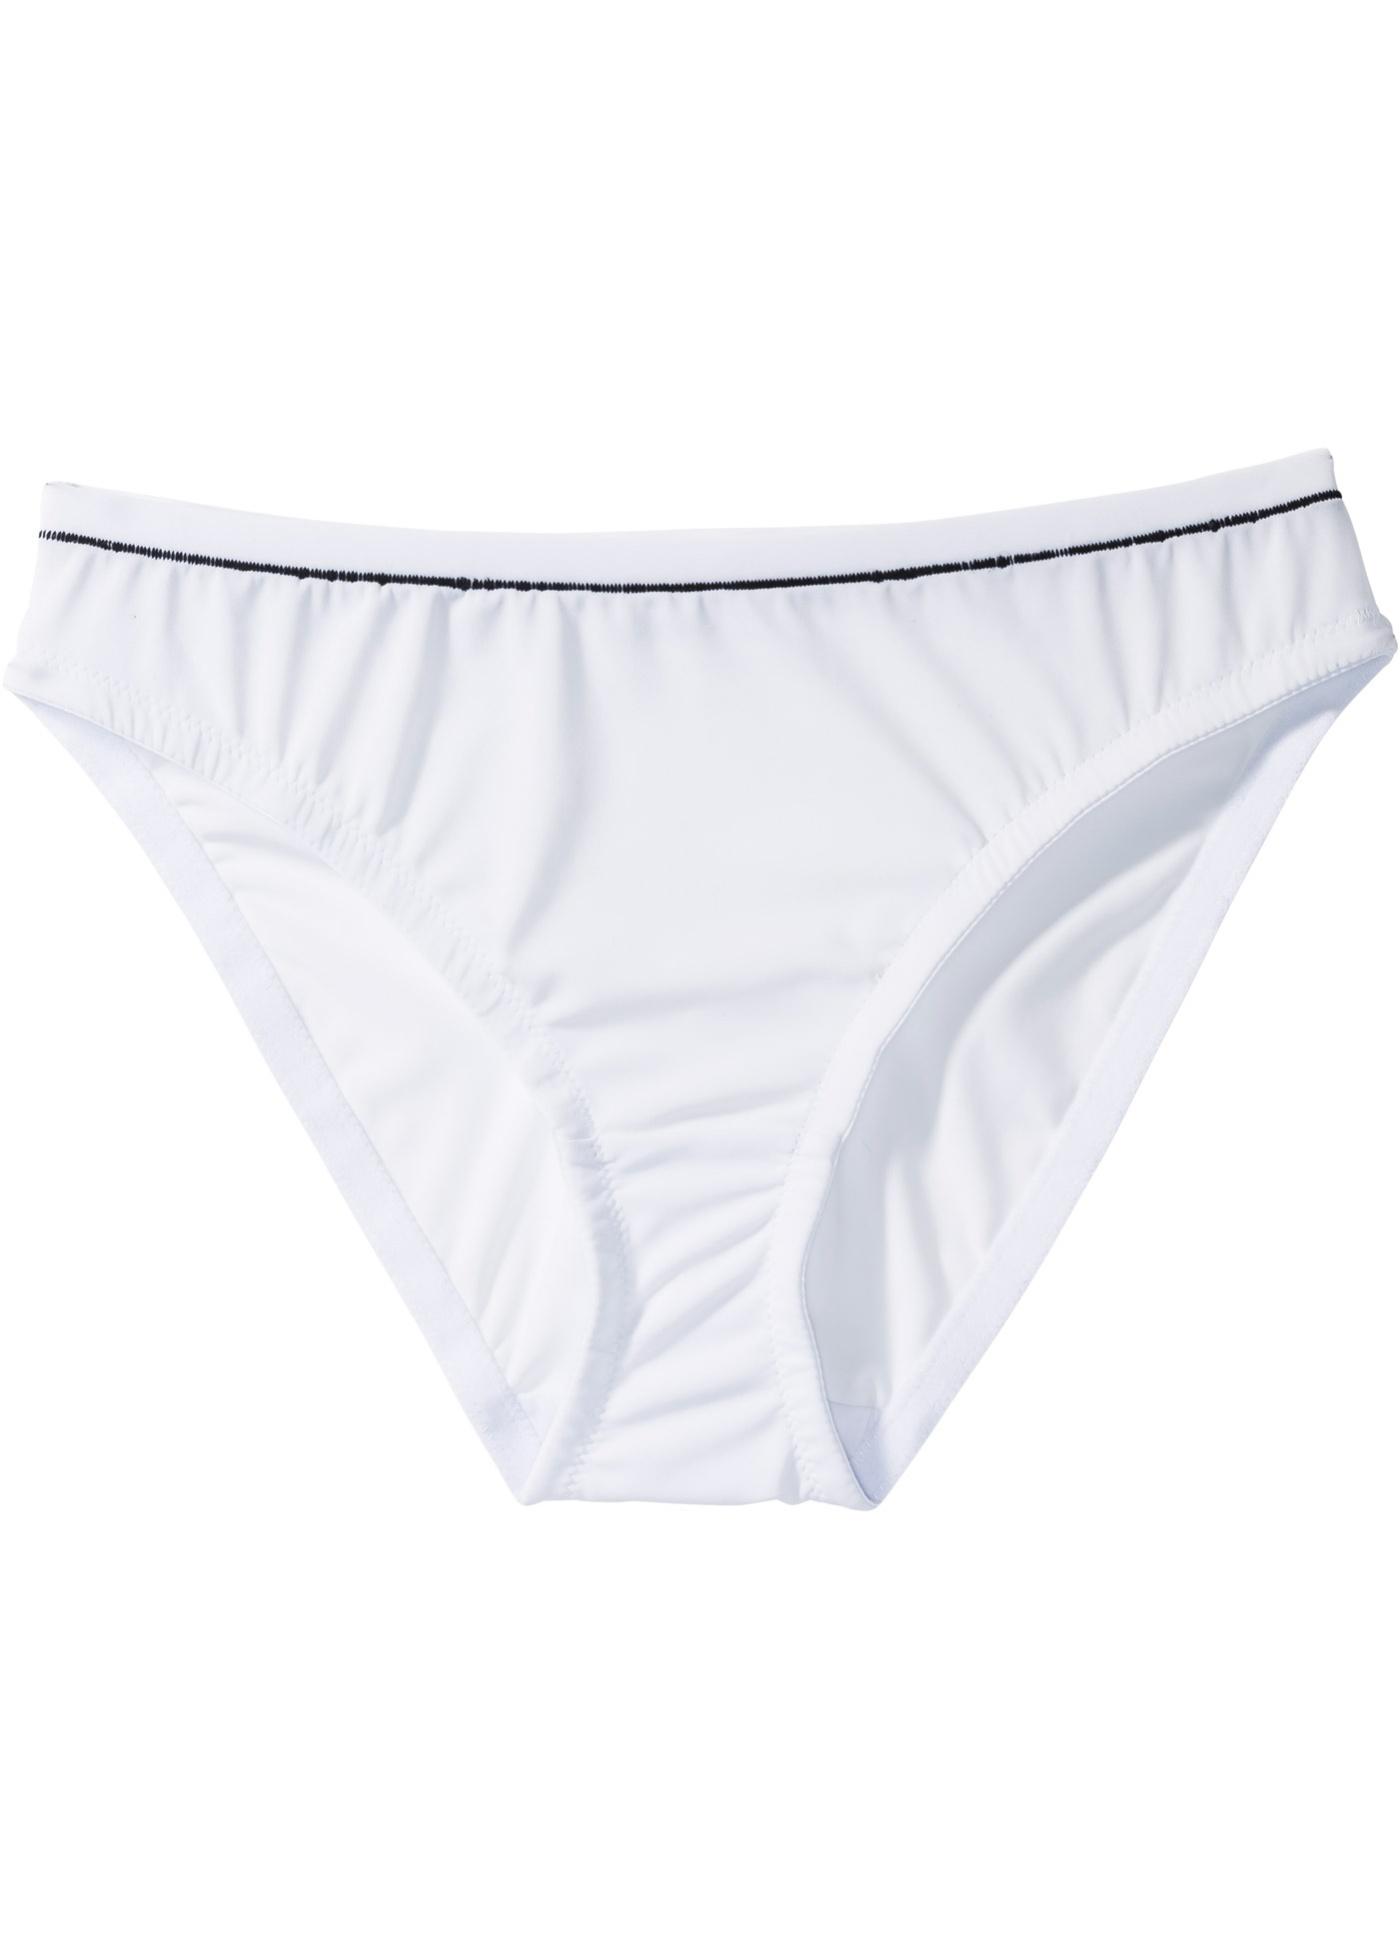 Slip  Bianco  - bpc bonpr